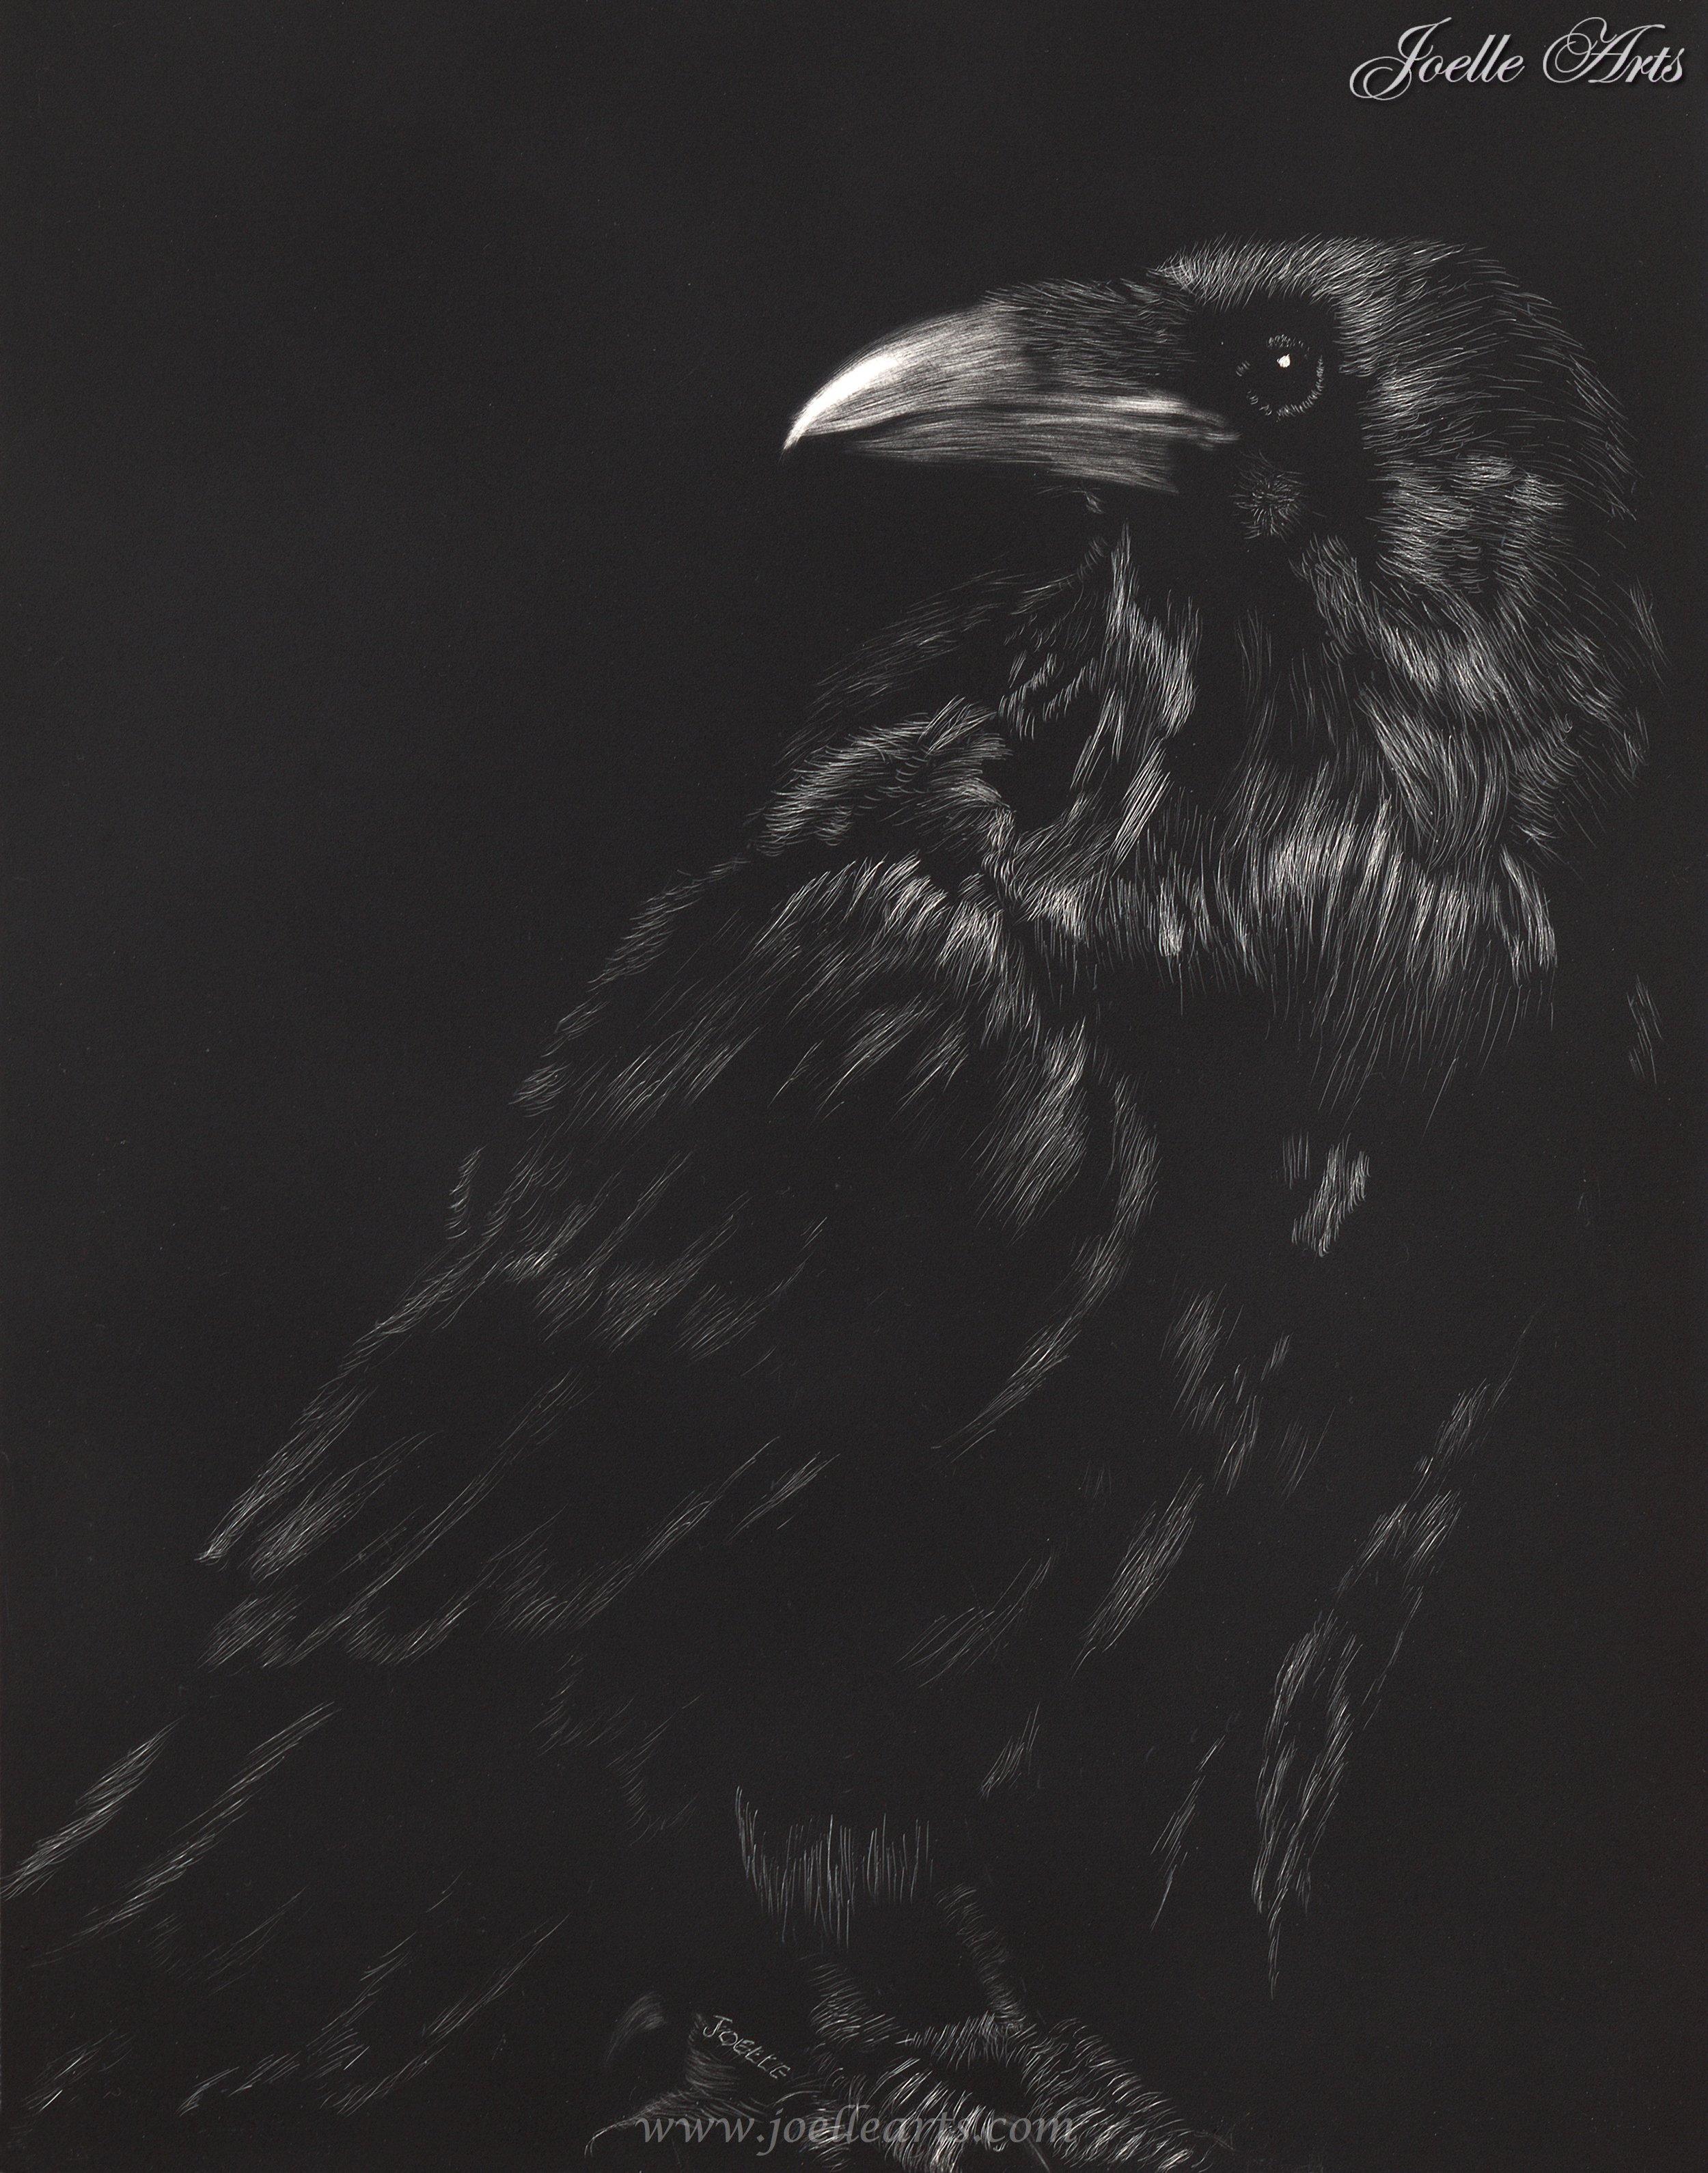 """""""Black Majesty"""" The Black Crow"""